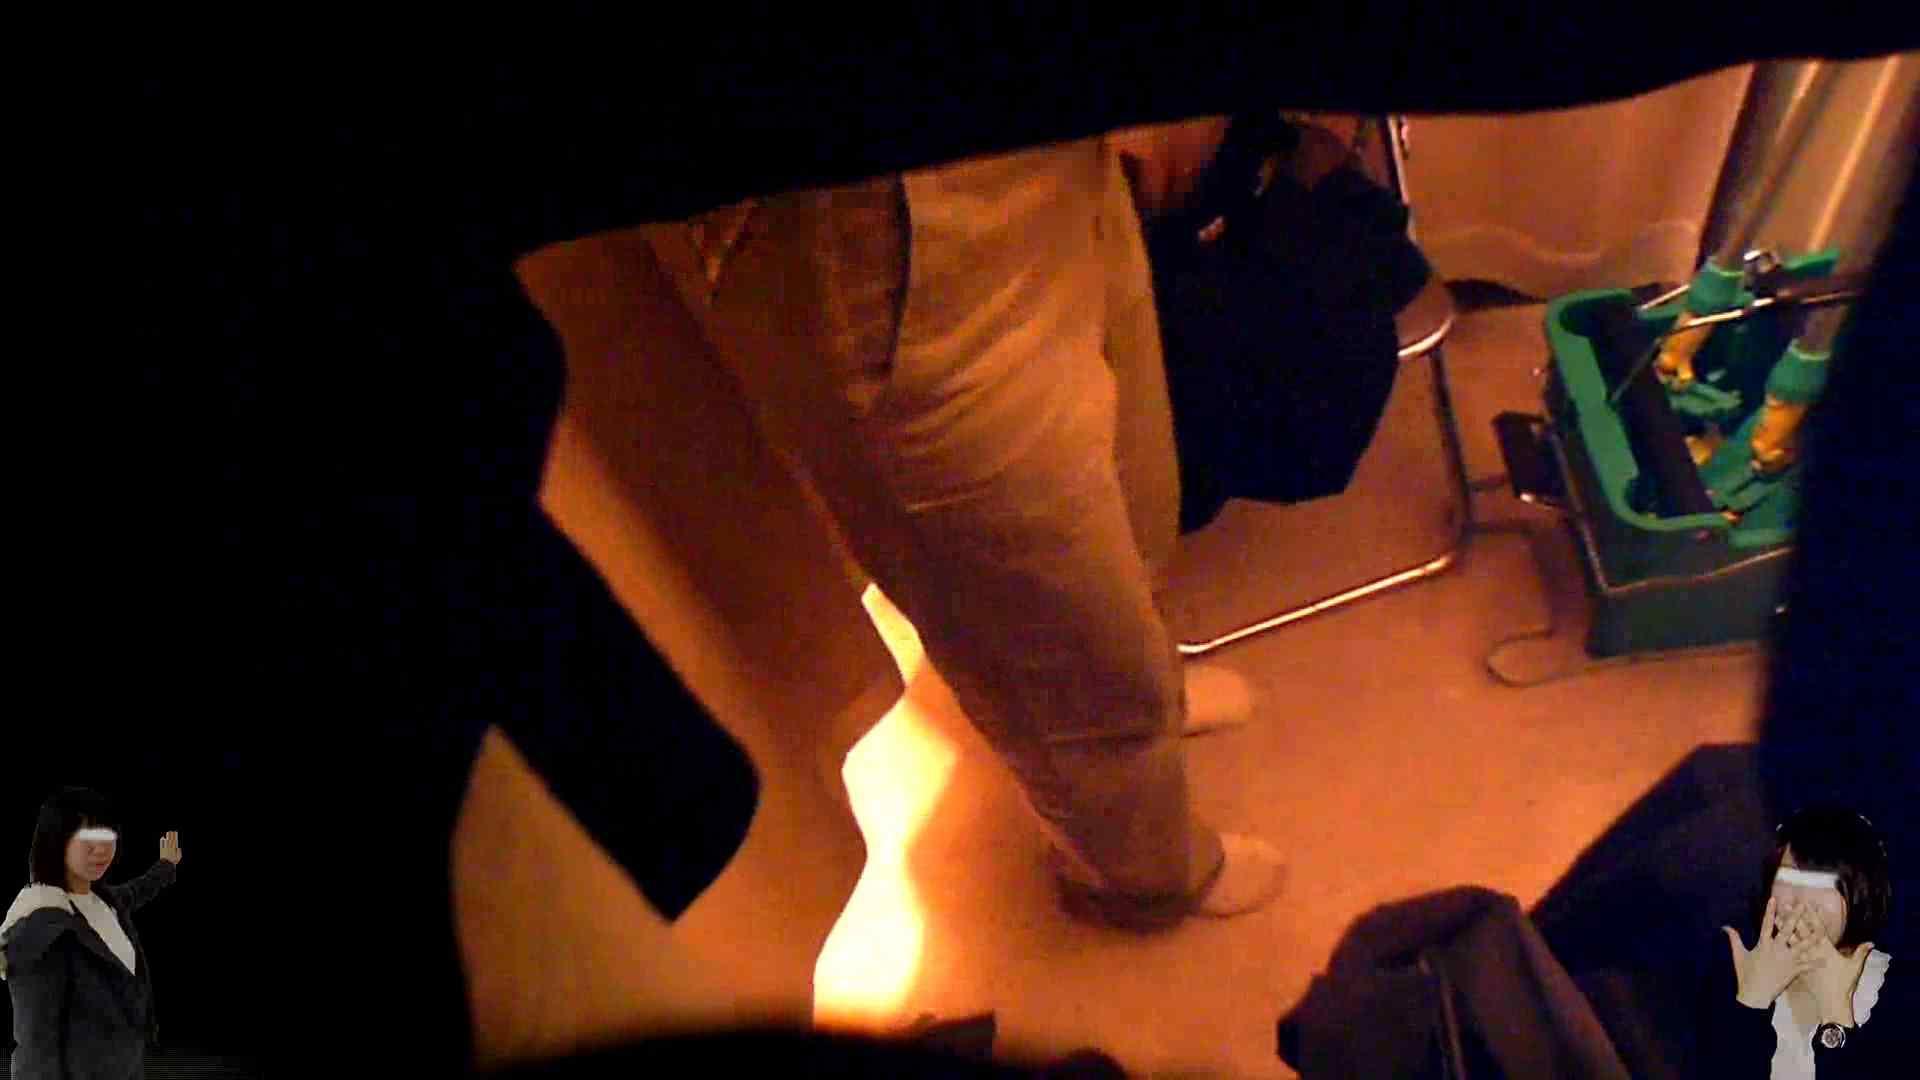 素人投稿 現役「JD」Eちゃんの着替え Vol.04 素人丸裸 おまんこ無修正動画無料 107pic 58